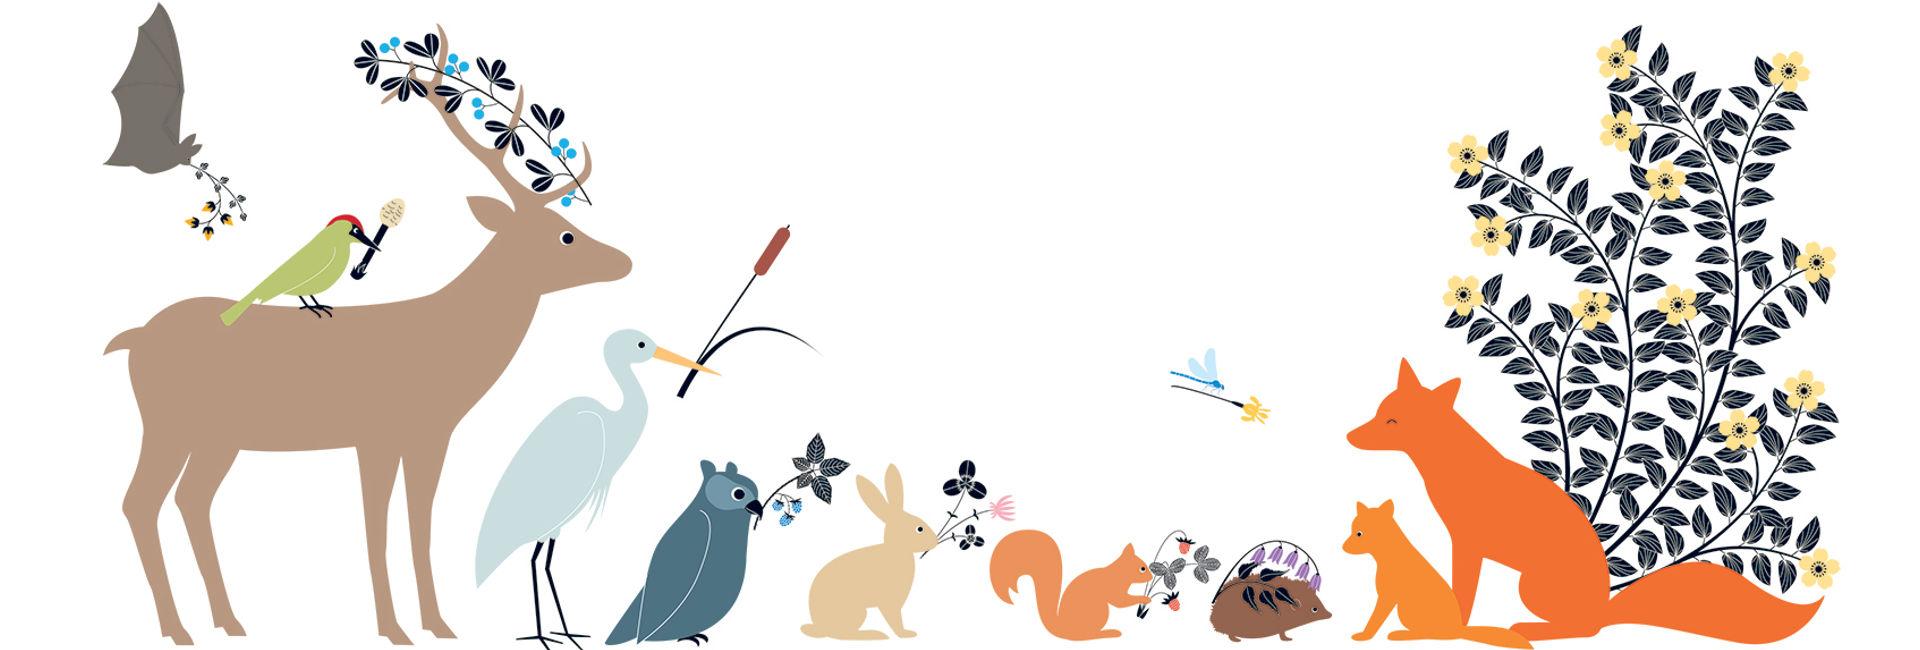 Animales visitando con regalos al nuevo zorro bebé. Ilustración del libro El Secreto, de Émilie Vast.